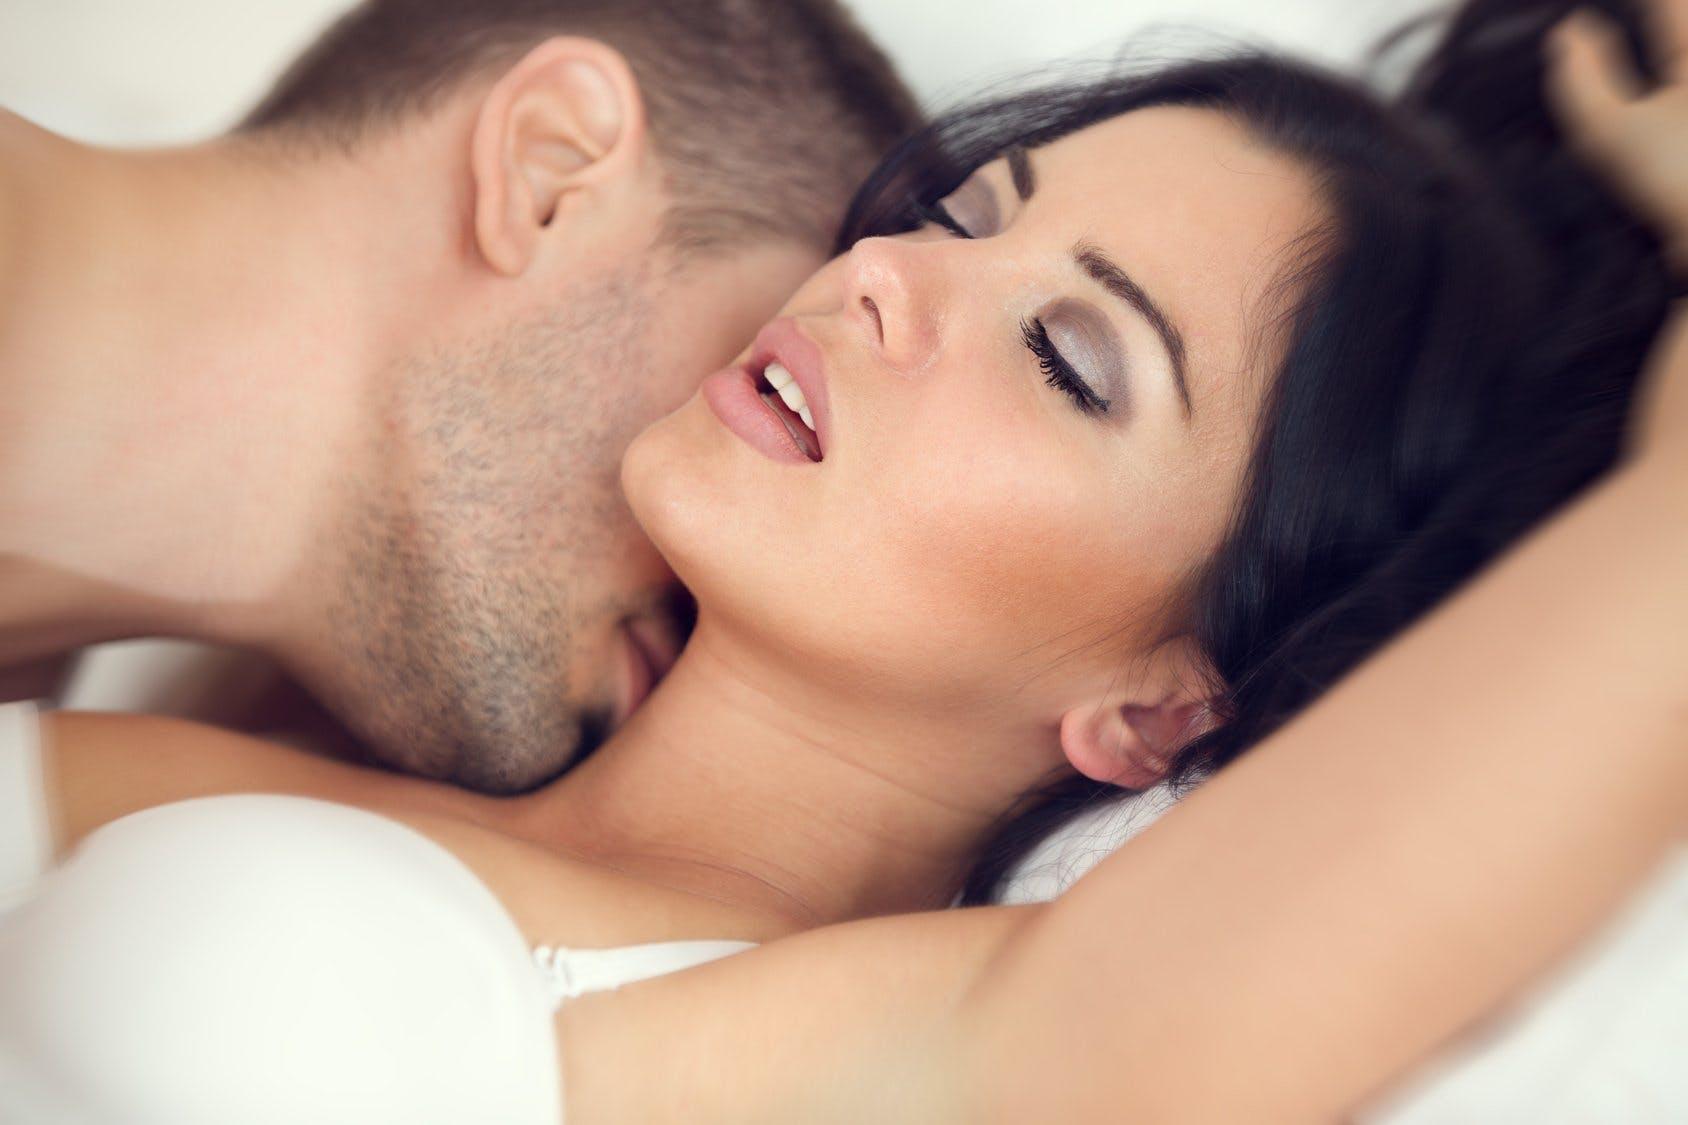 Красивое - порно в HD, всегда свежее и только лучшее